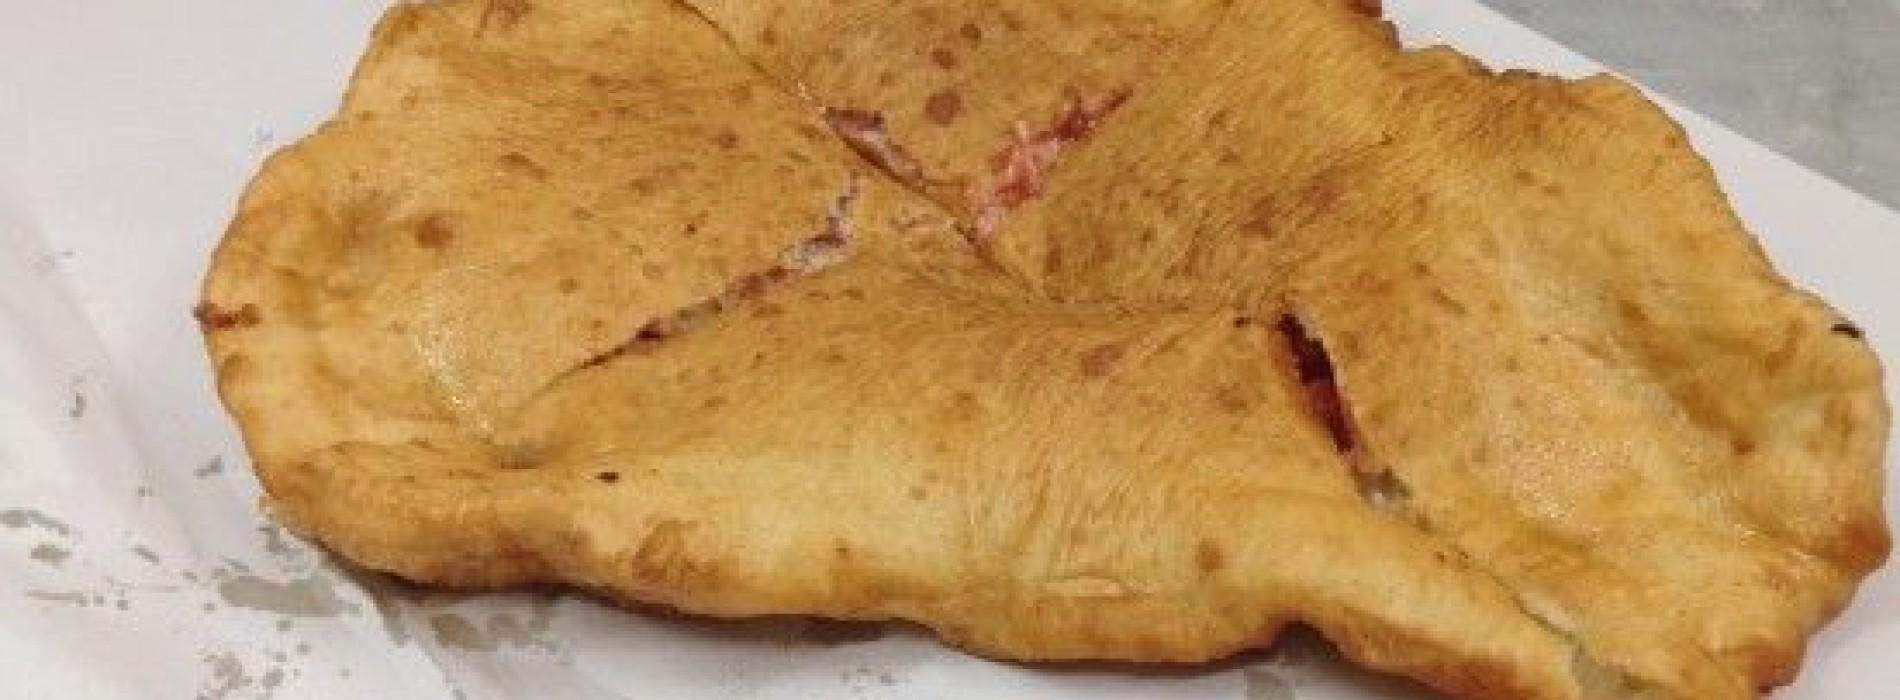 Le migliori pizze fritte di Napoli: da Fernanda a Pellone, da Masardona a Concettina ai Tre Santi